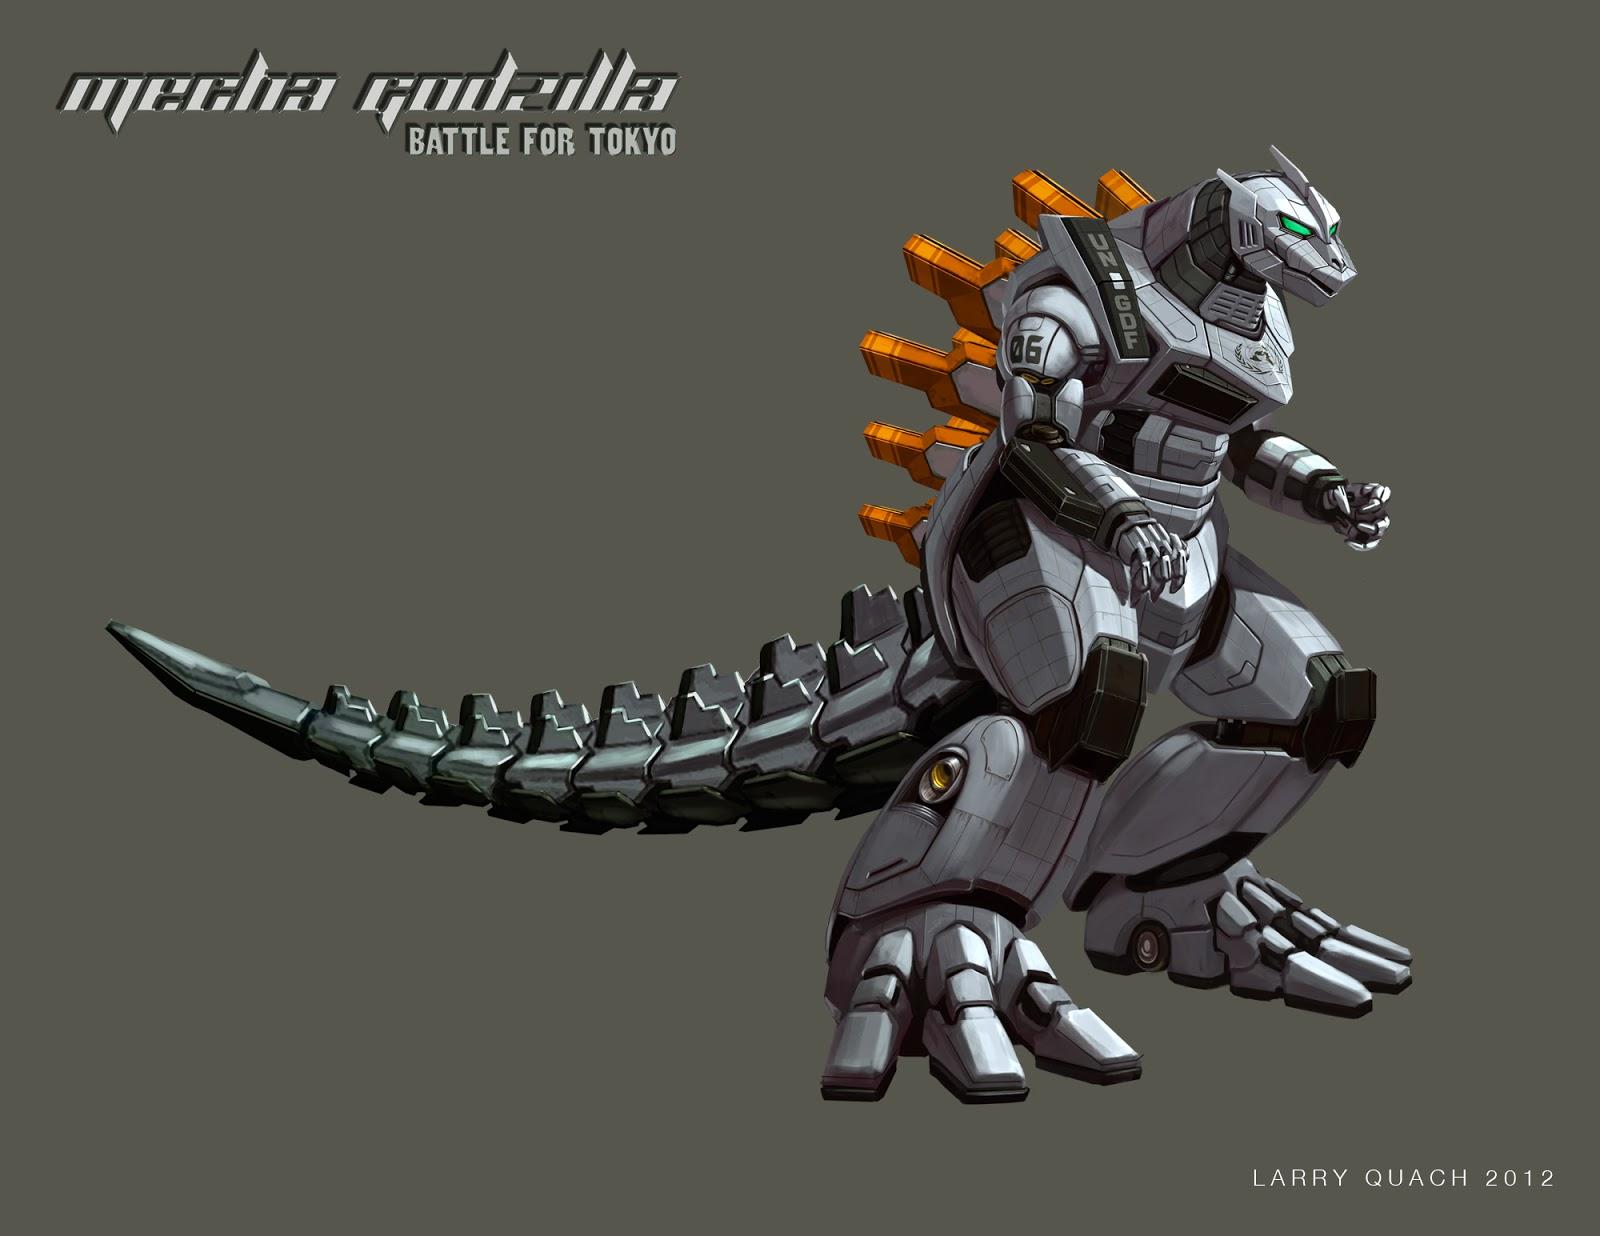 Mechagodzilla 2012 Godzilla's ...